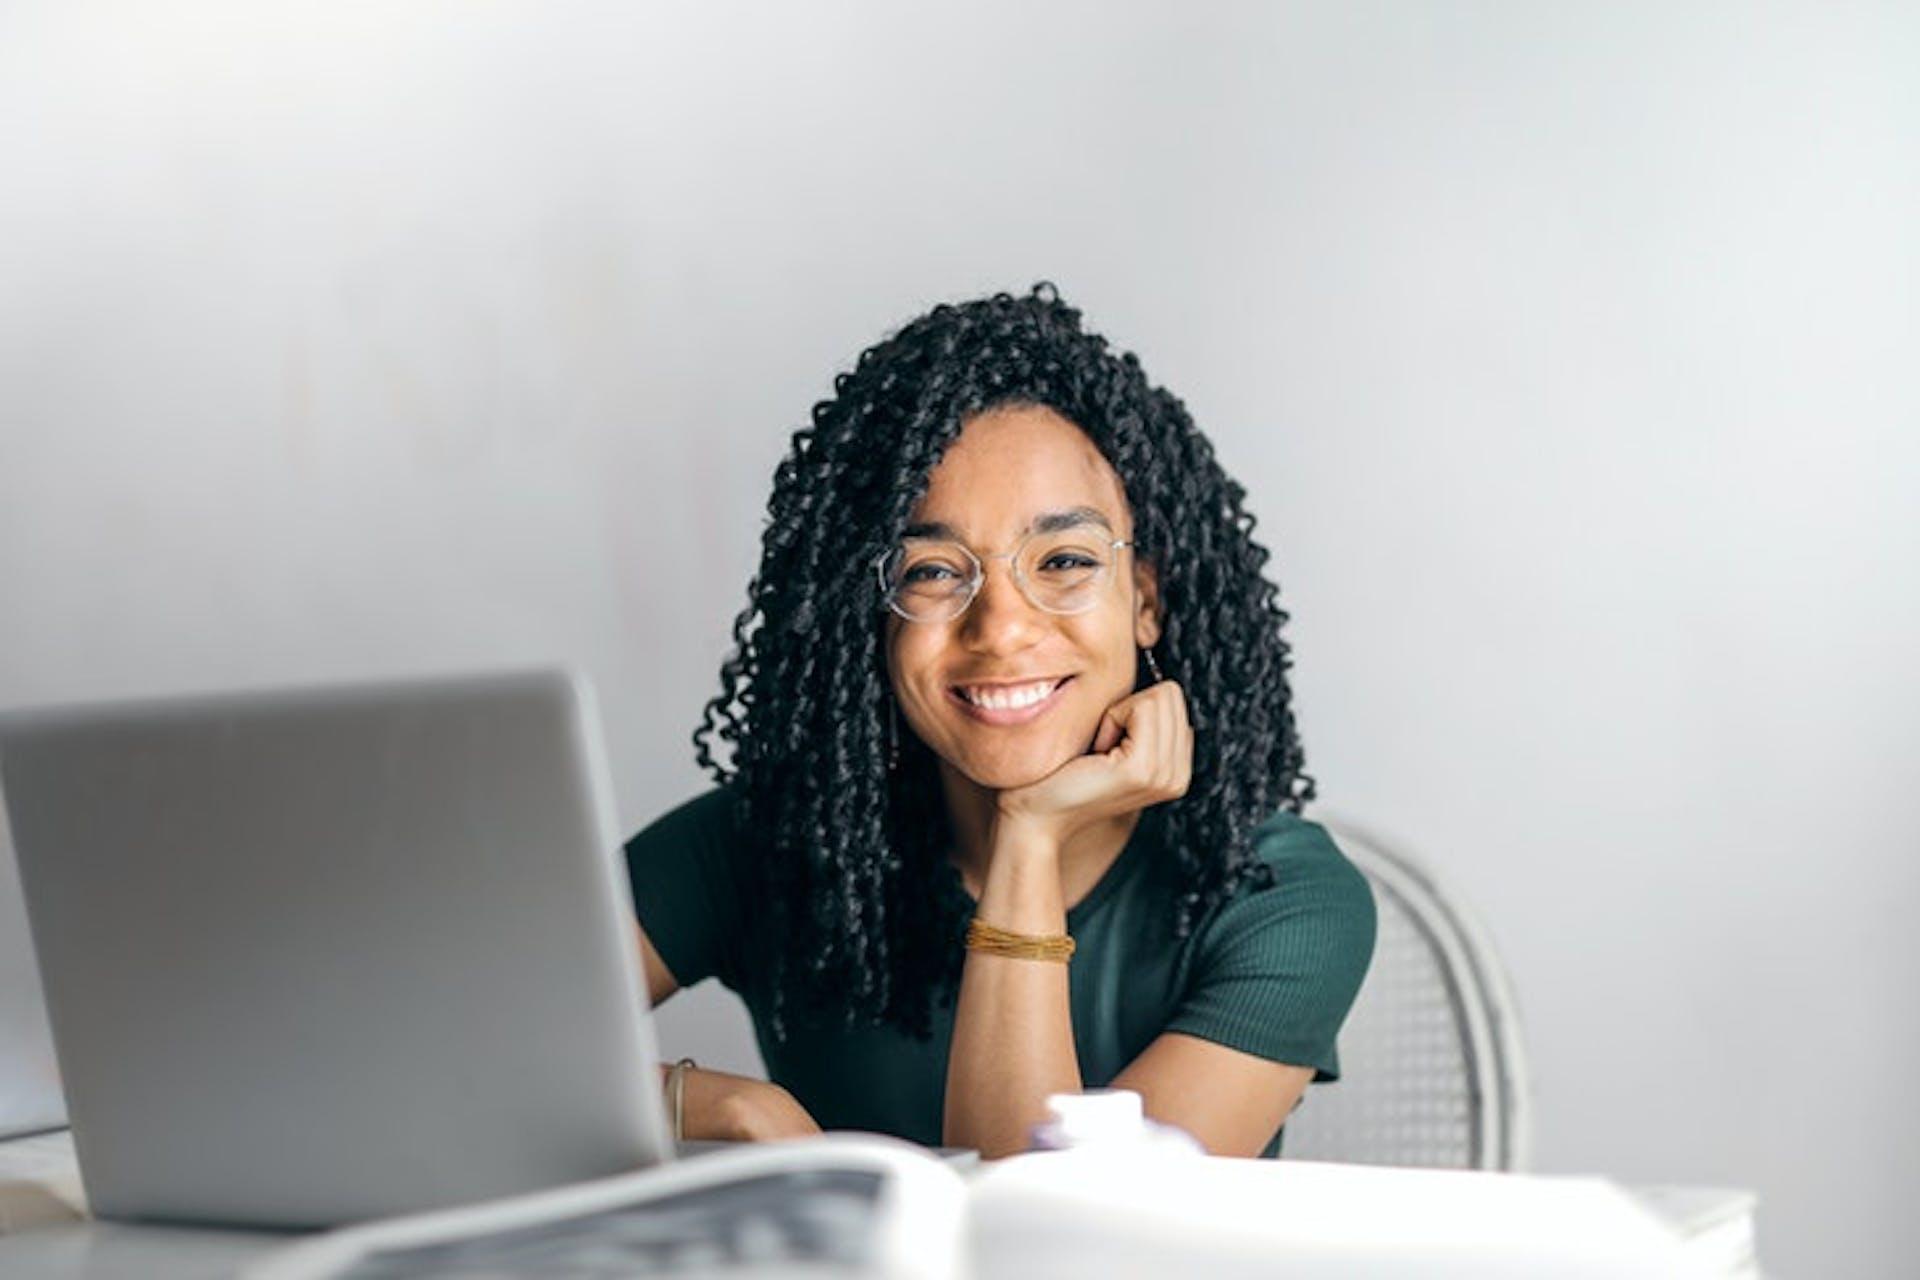 Eine lächelnde junge Frau sitzt vor einem Notebook.